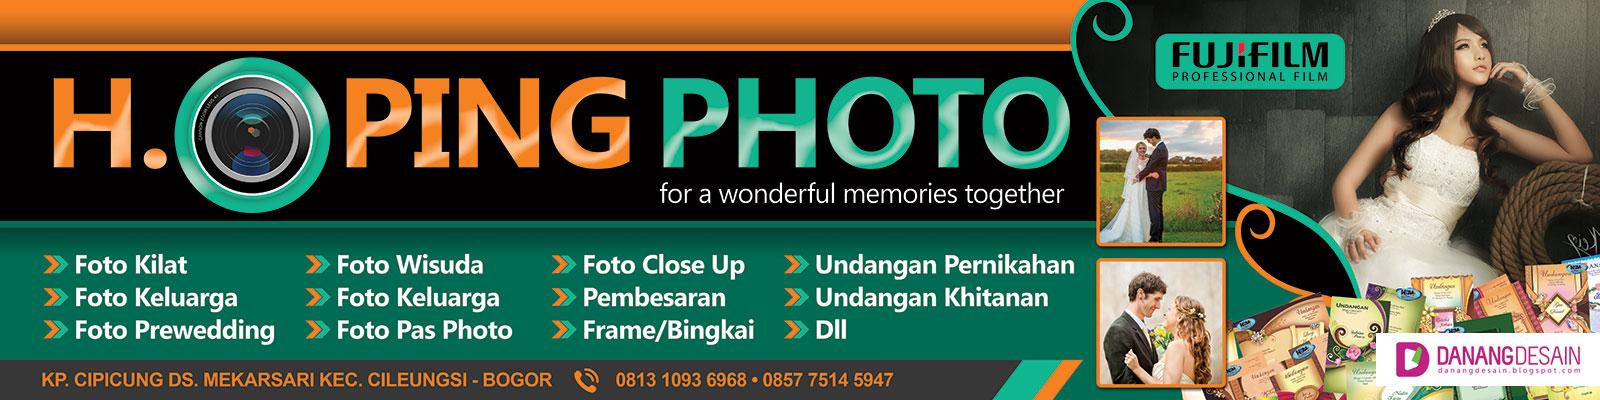 Contoh Desain Banner atau Spanduk Photo Studio - Contoh ...